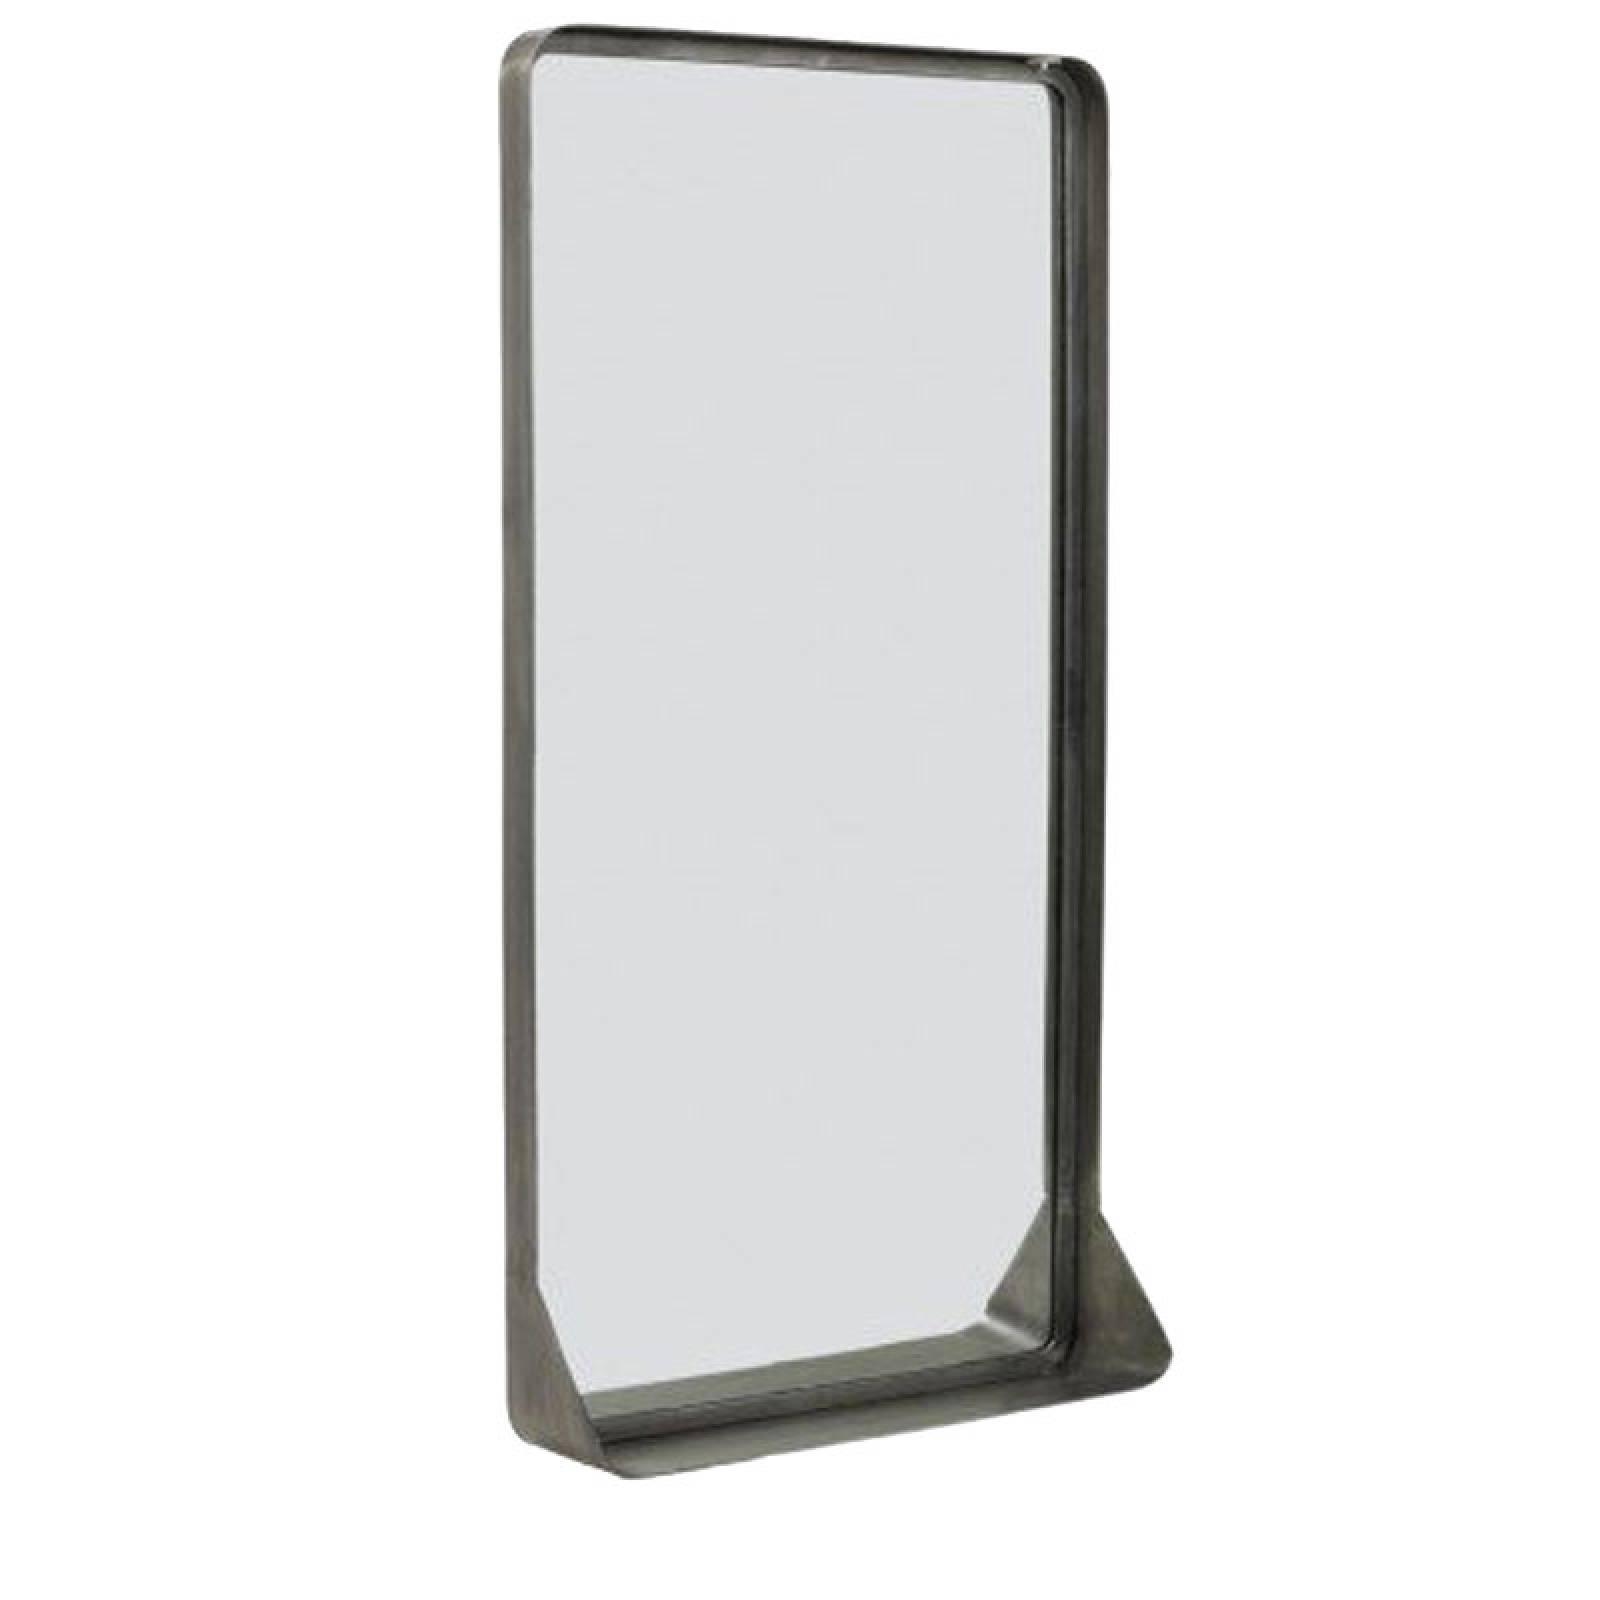 Pausi Rectangular Zinc Mirror With Shelf